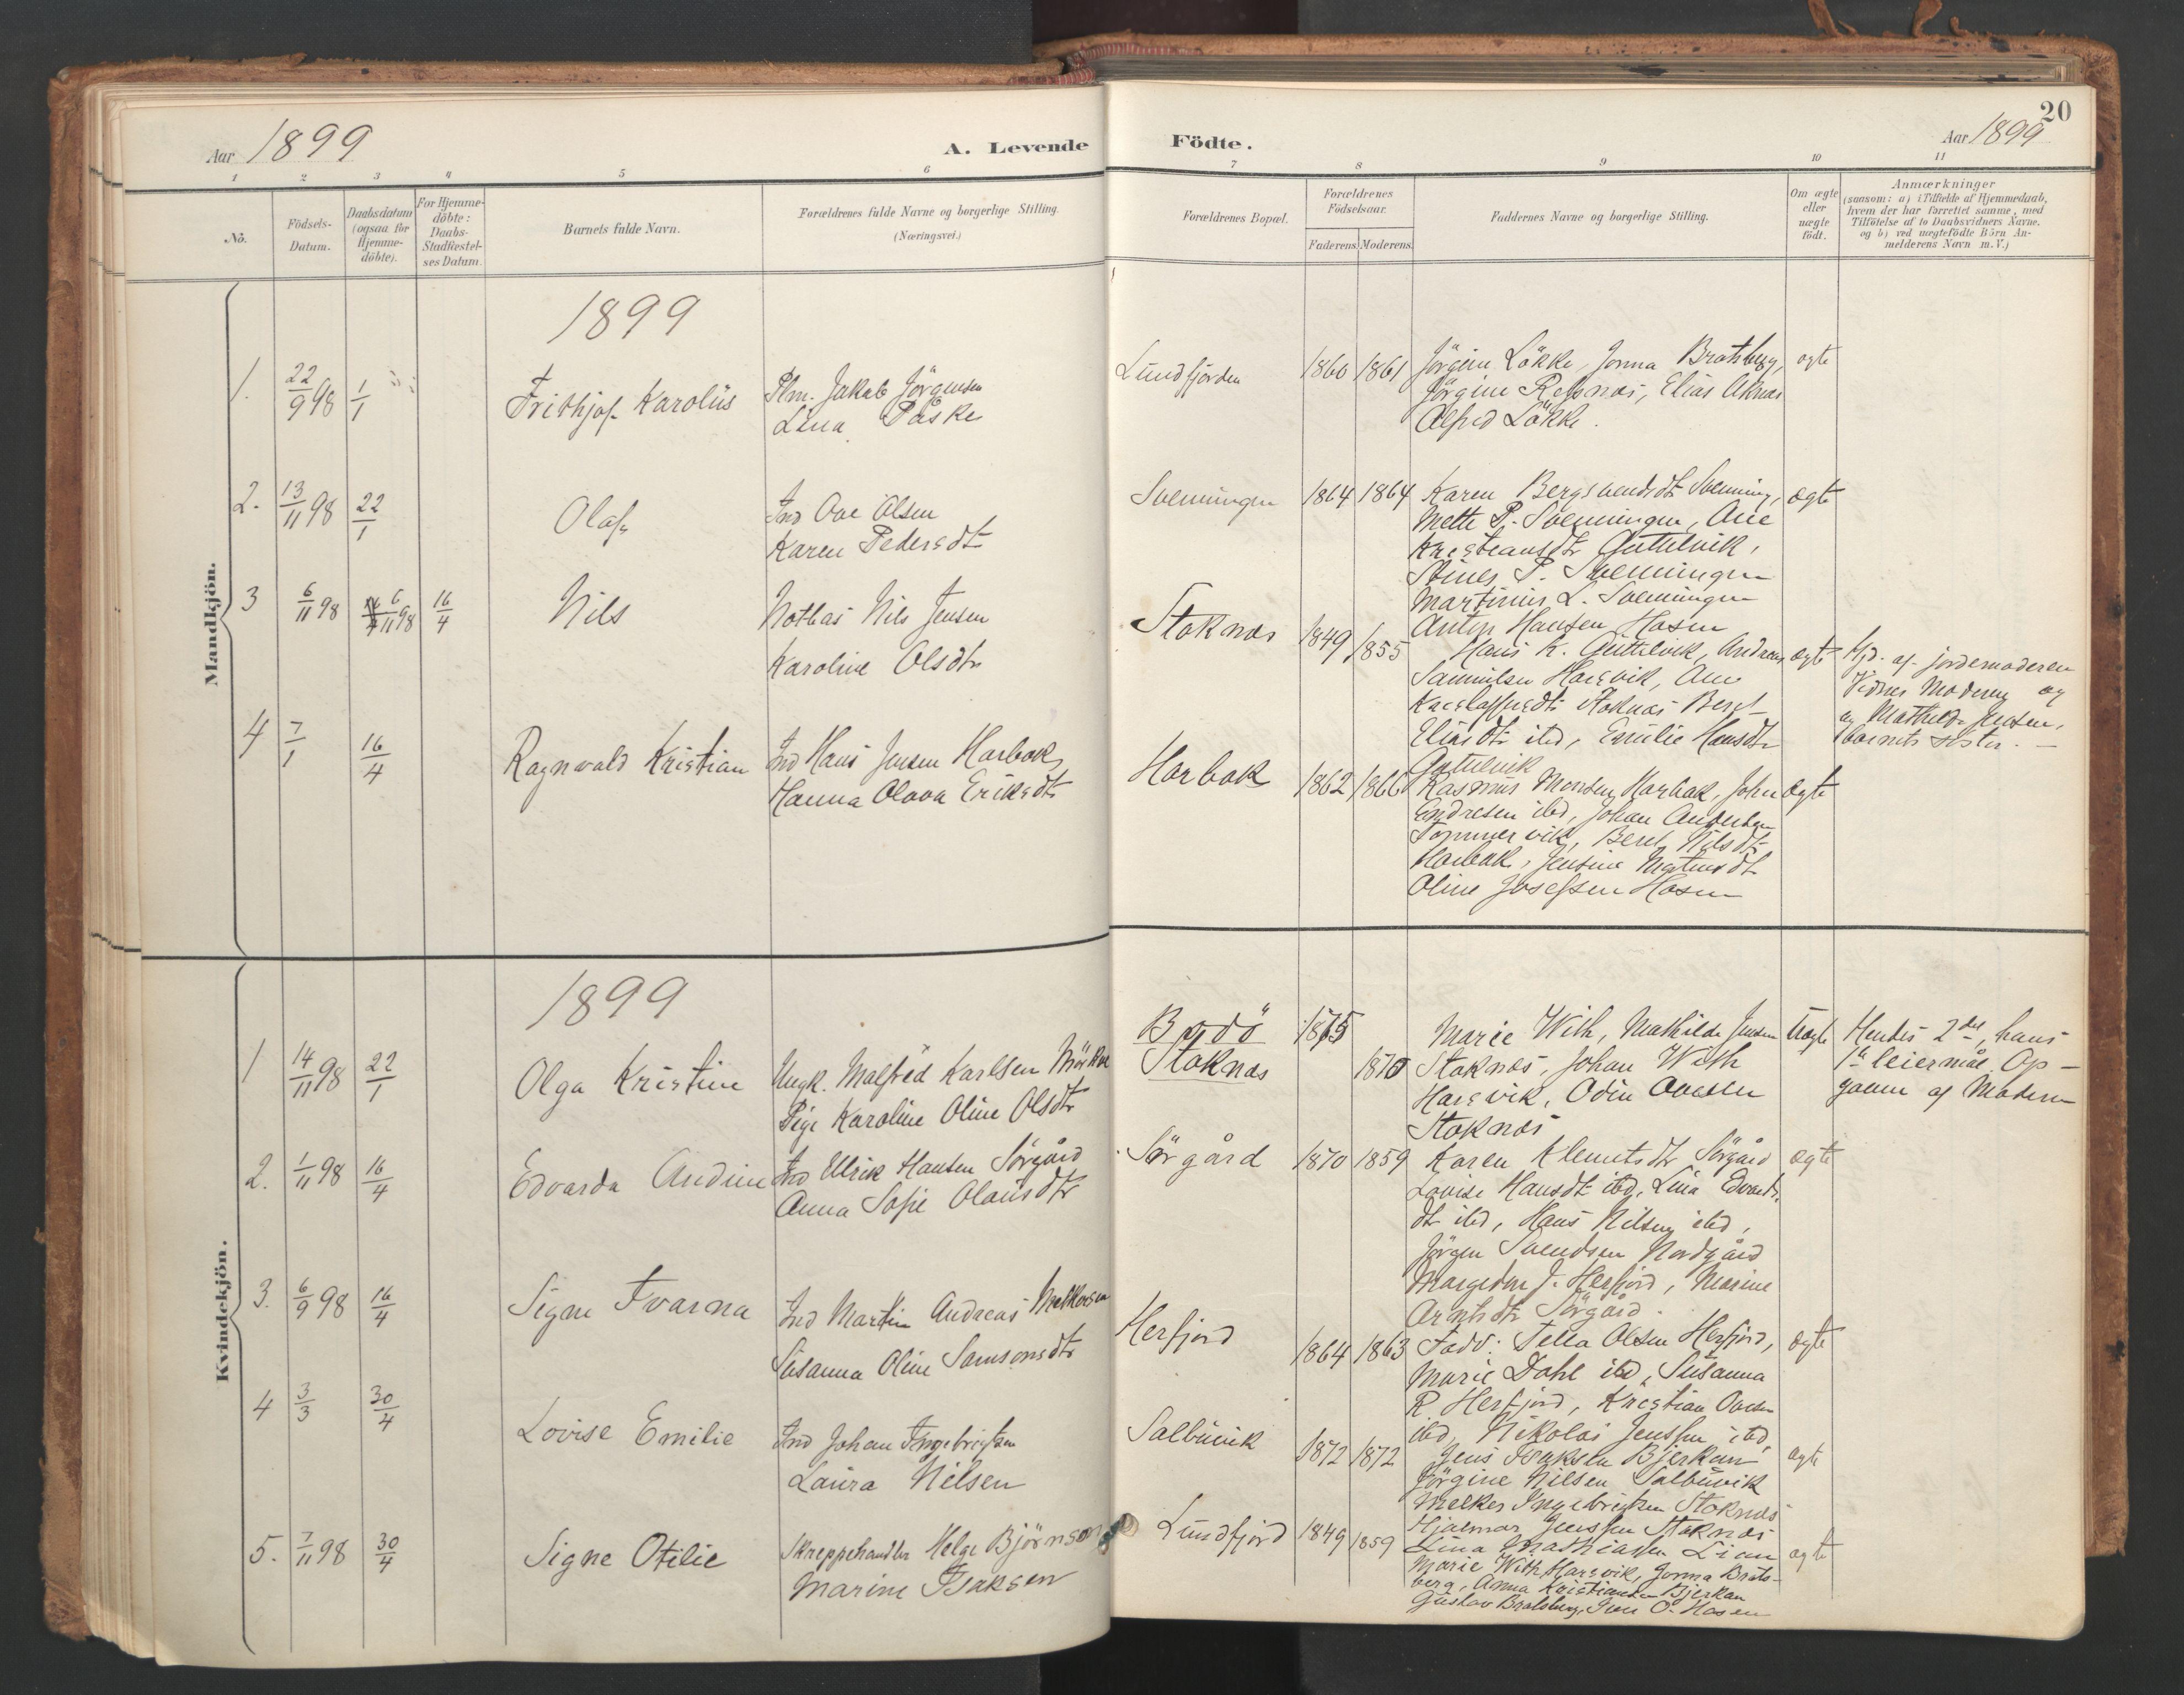 SAT, Ministerialprotokoller, klokkerbøker og fødselsregistre - Sør-Trøndelag, 656/L0693: Ministerialbok nr. 656A02, 1894-1913, s. 20